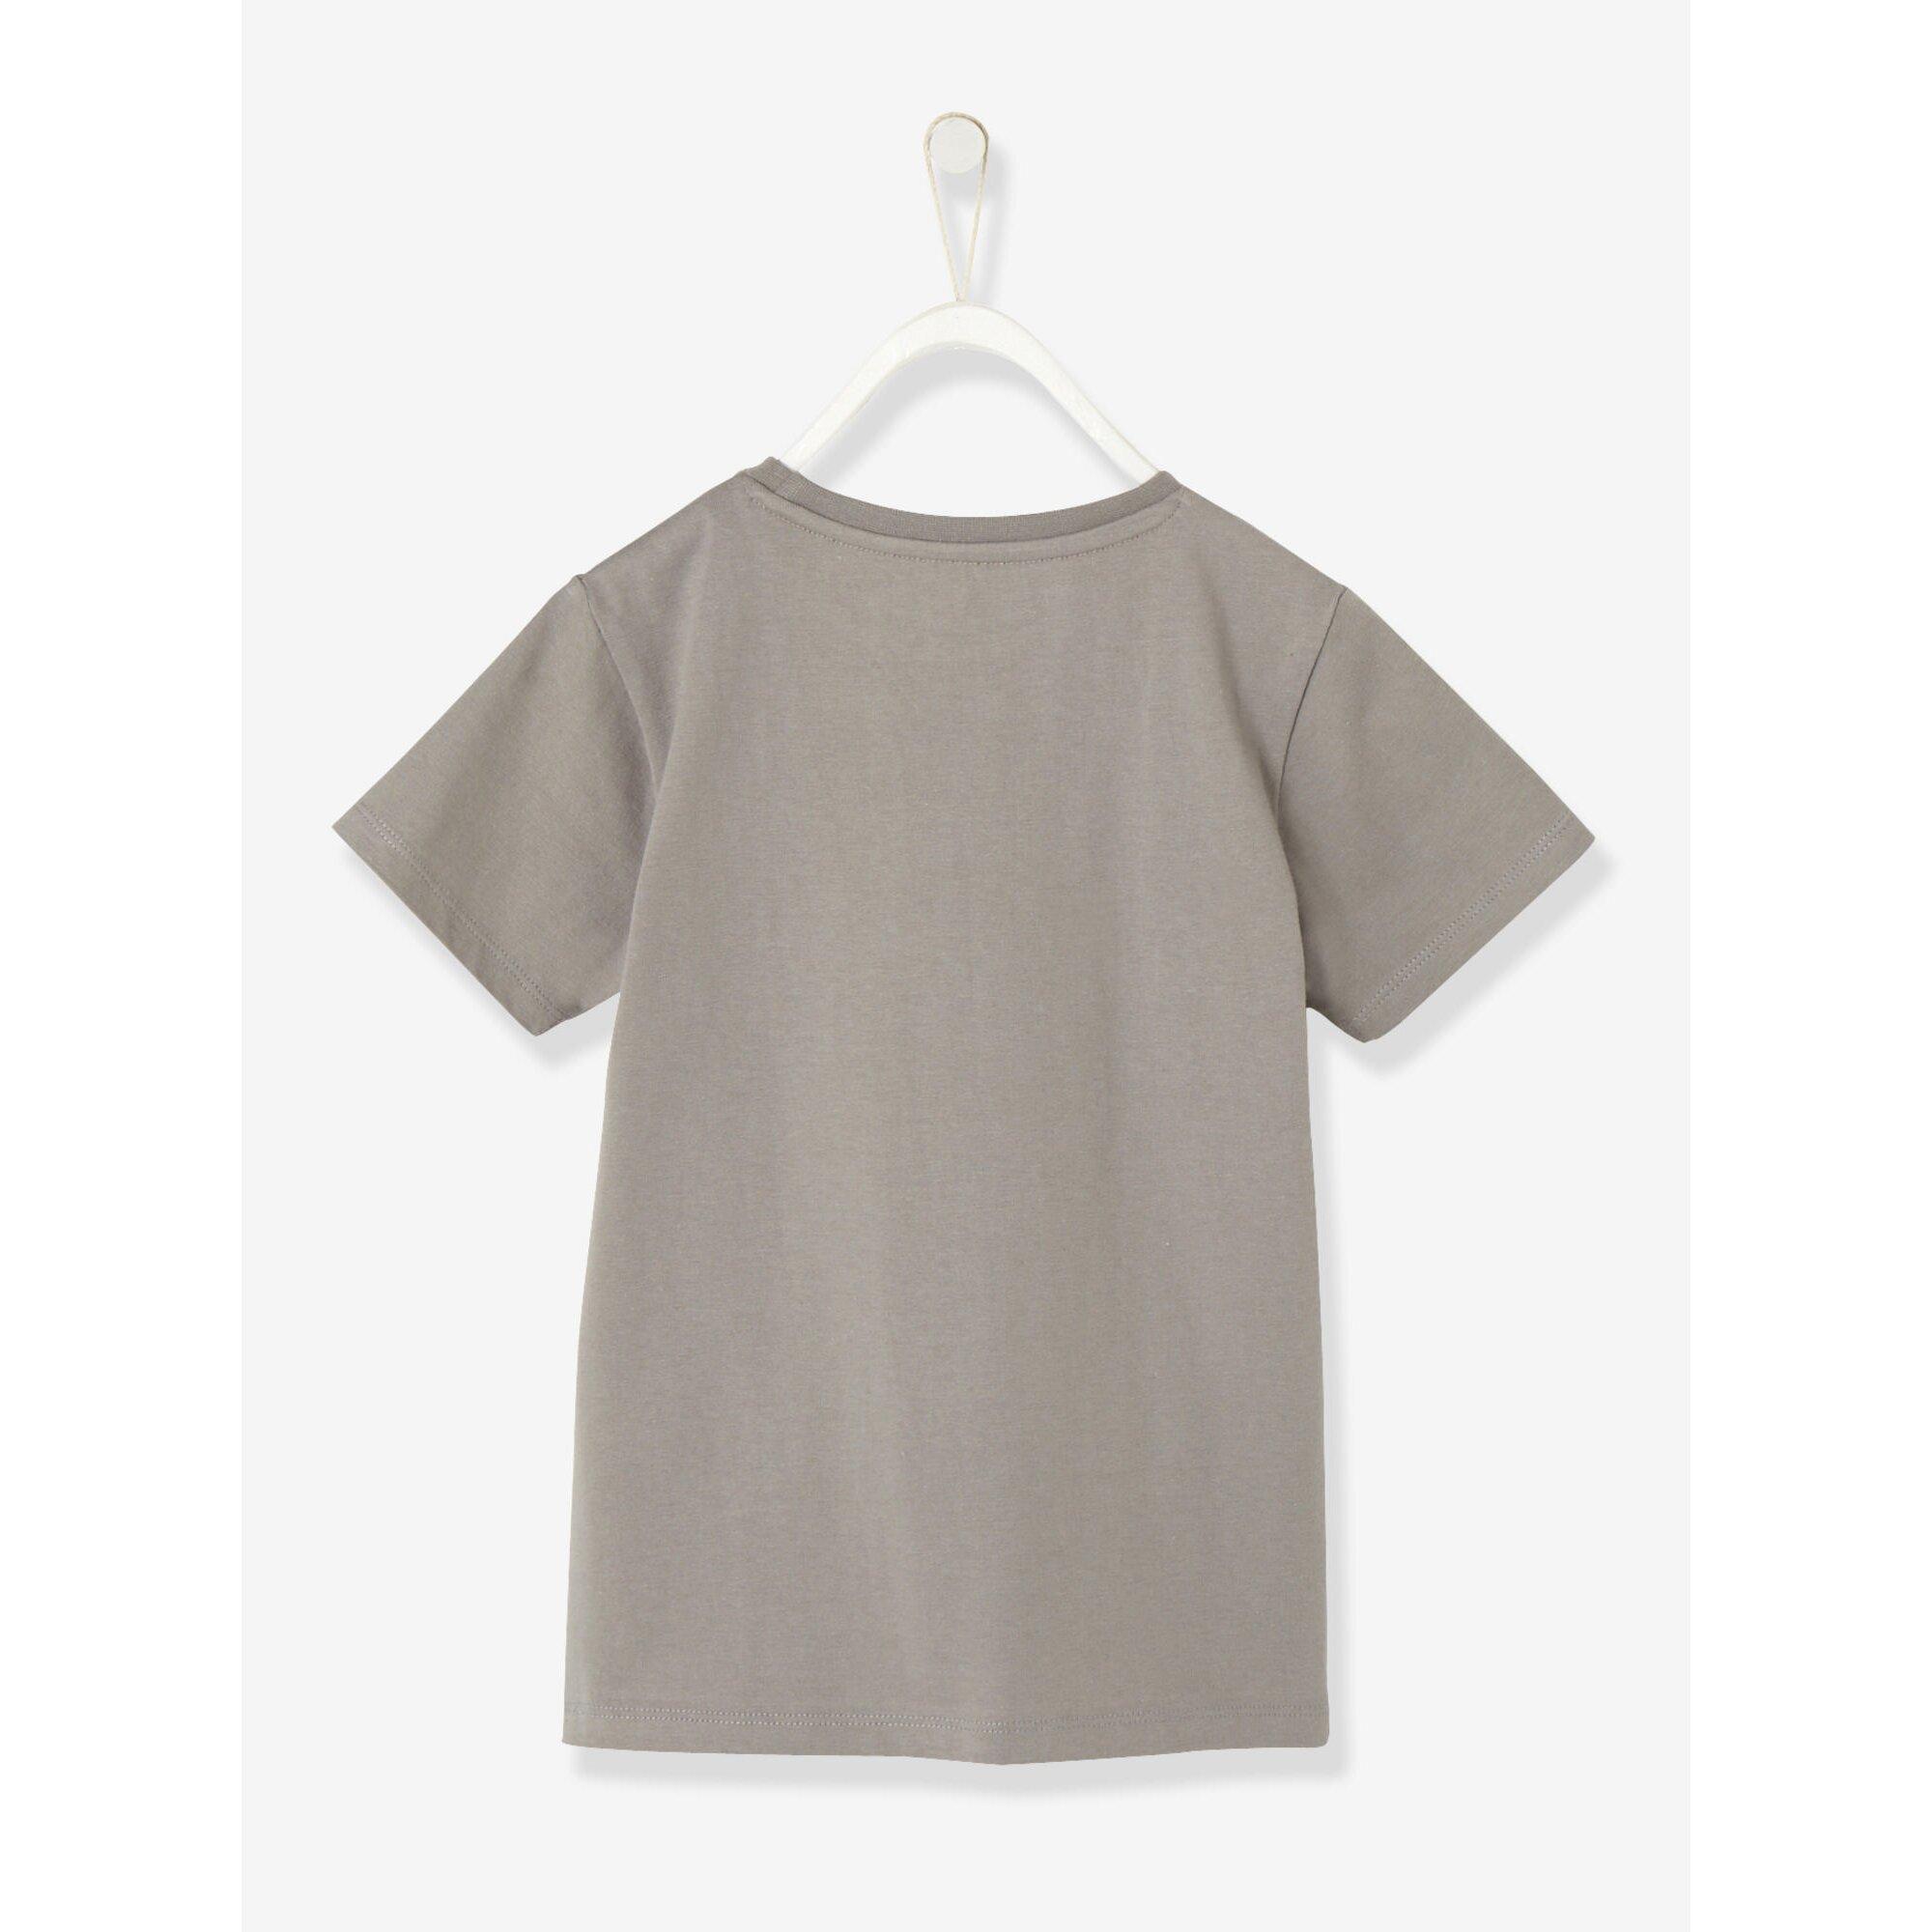 vertbaudet-t-shirt